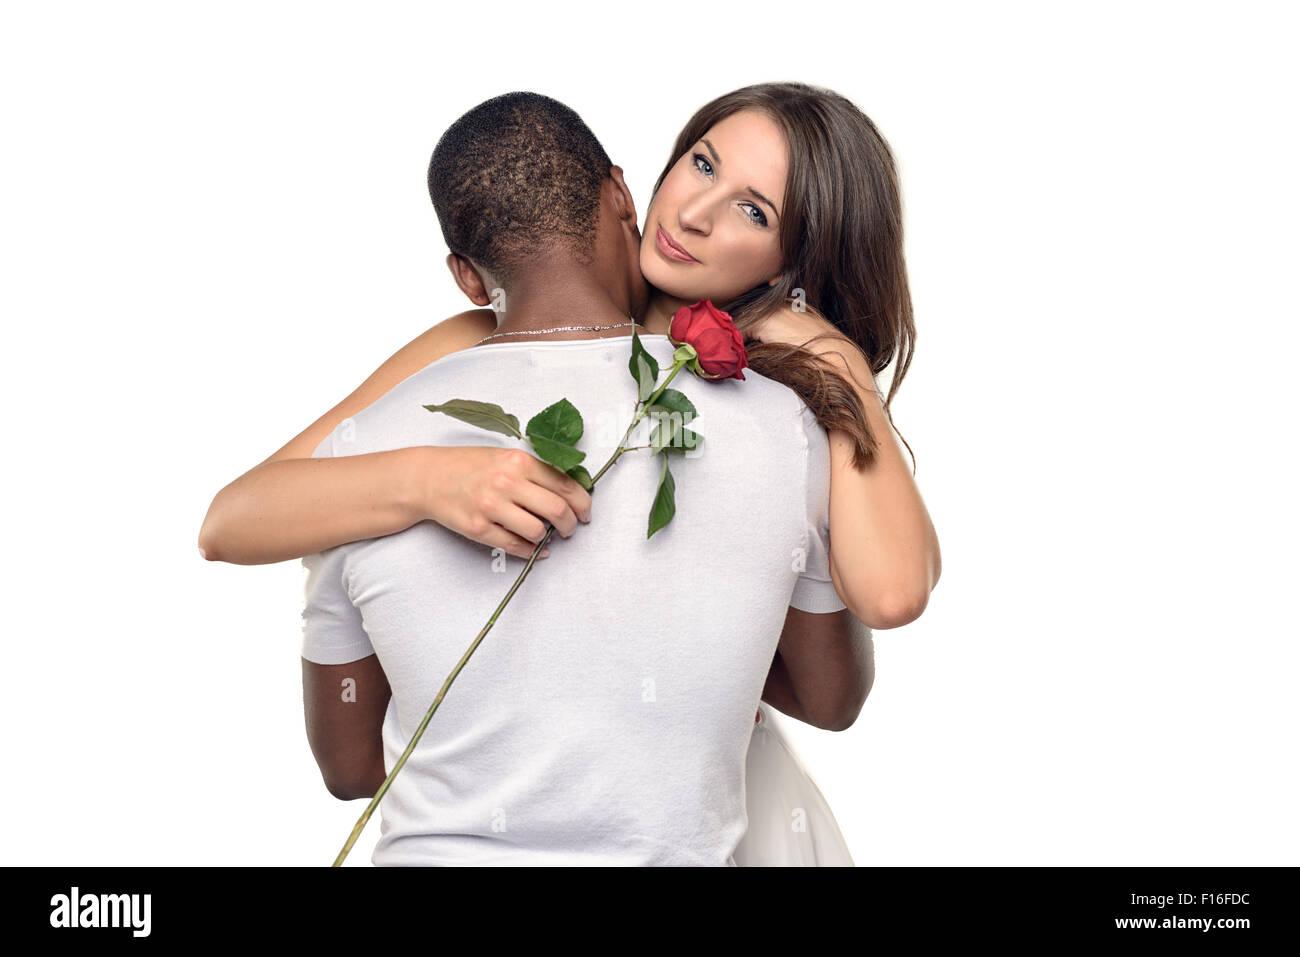 Joven sentimental abrazando a su novio o novia como ella sonríe con ternura hacia abajo en una sola rosa roja Imagen De Stock